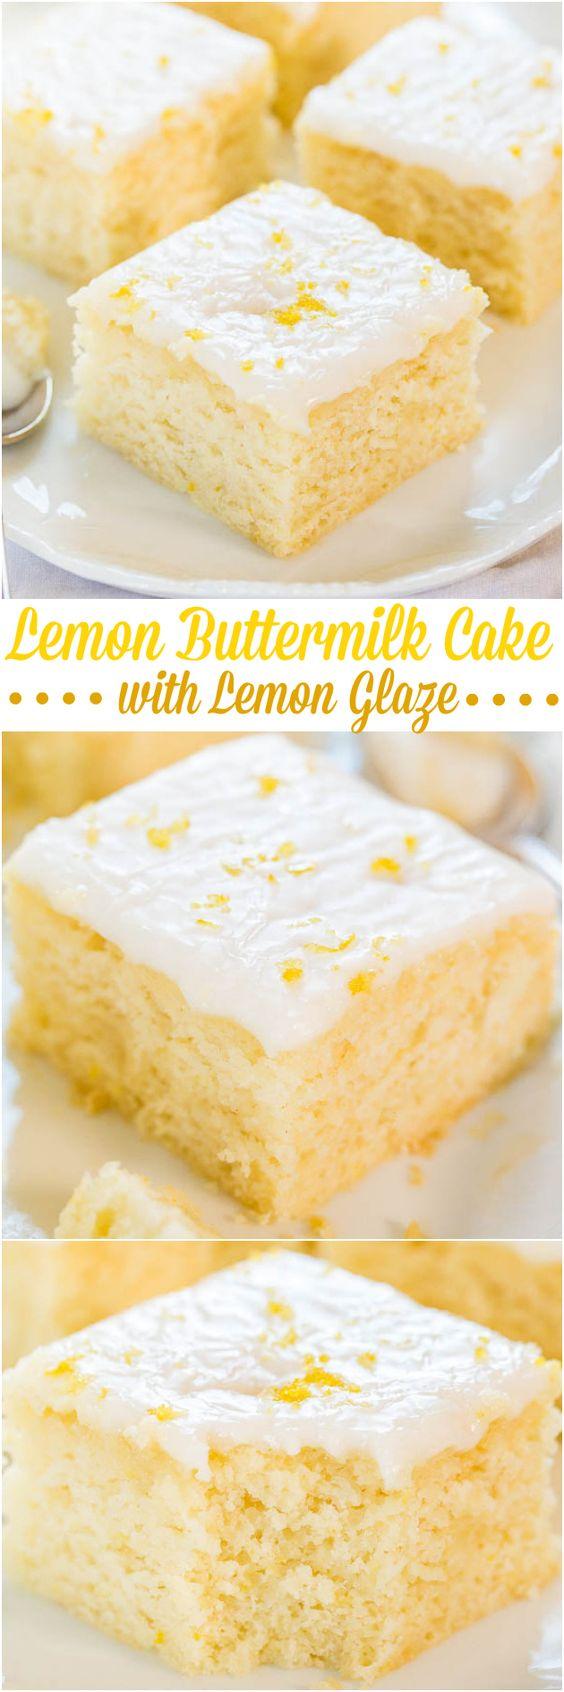 Lemon Buttermilk Cake Easy Lemon Glaze Averie Cooks Recipe Lemon Recipes Desserts Cake